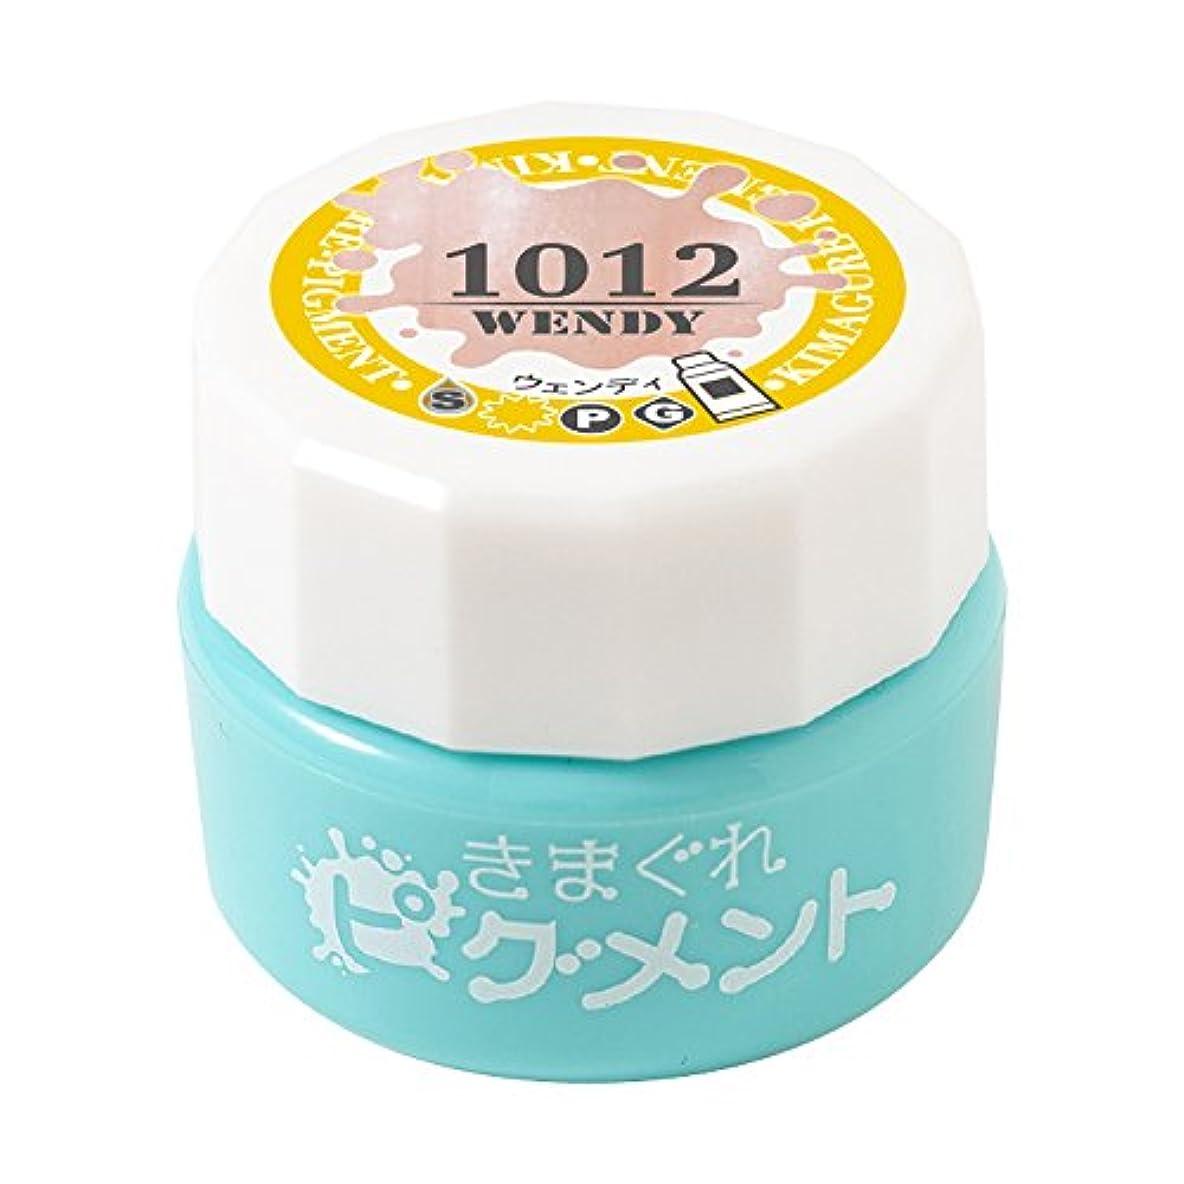 Bettygel きまぐれピグメント ウェンディ QYJ-1012 4g UV/LED対応